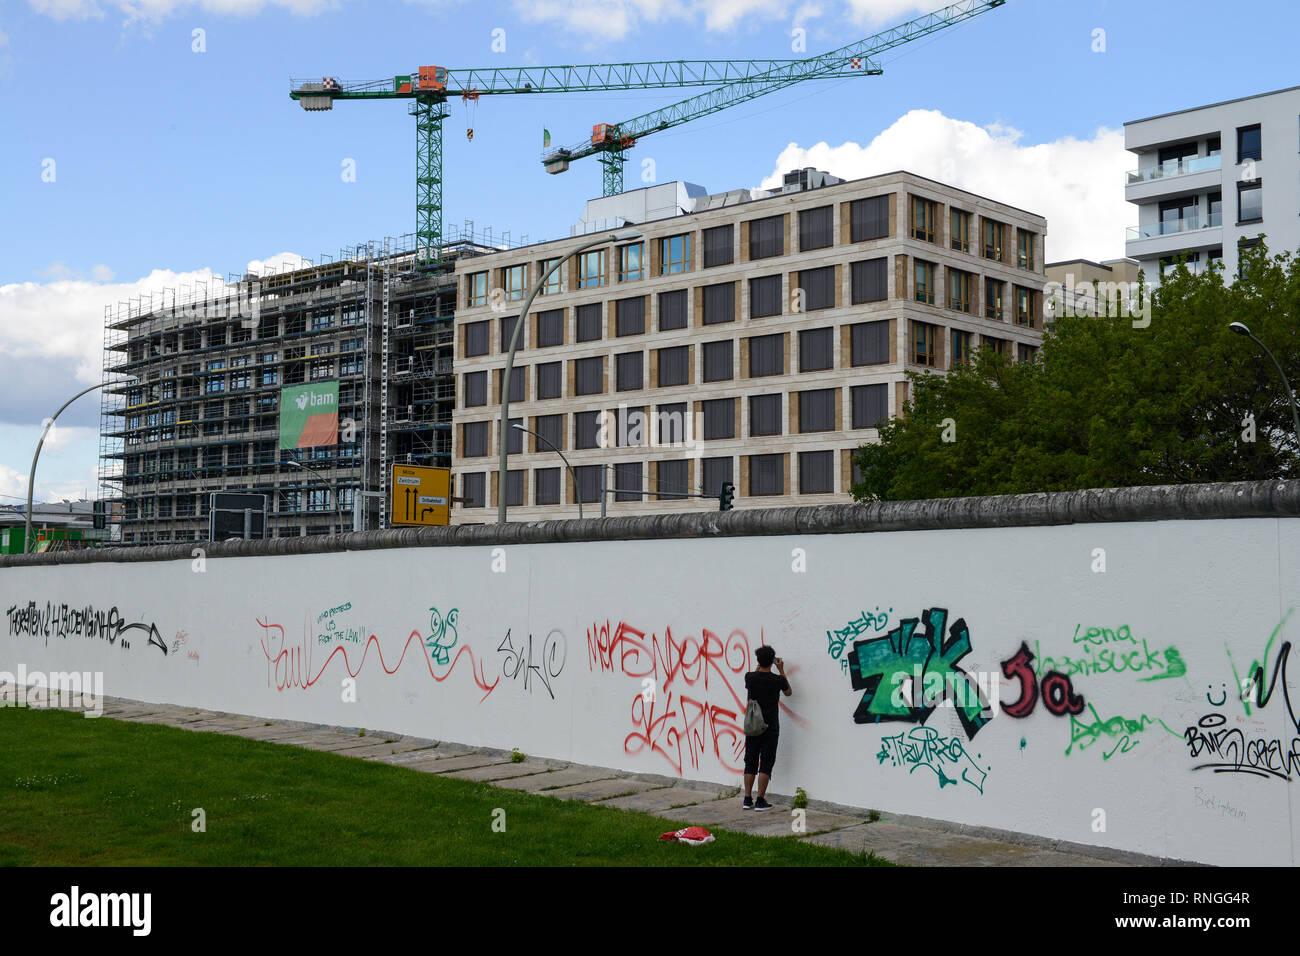 Alemania, Berlín, el muro, East Side Gallery, pared paintíngs y murales sobre la guerra fría y las paredes, graffitis en el reverso Imagen De Stock